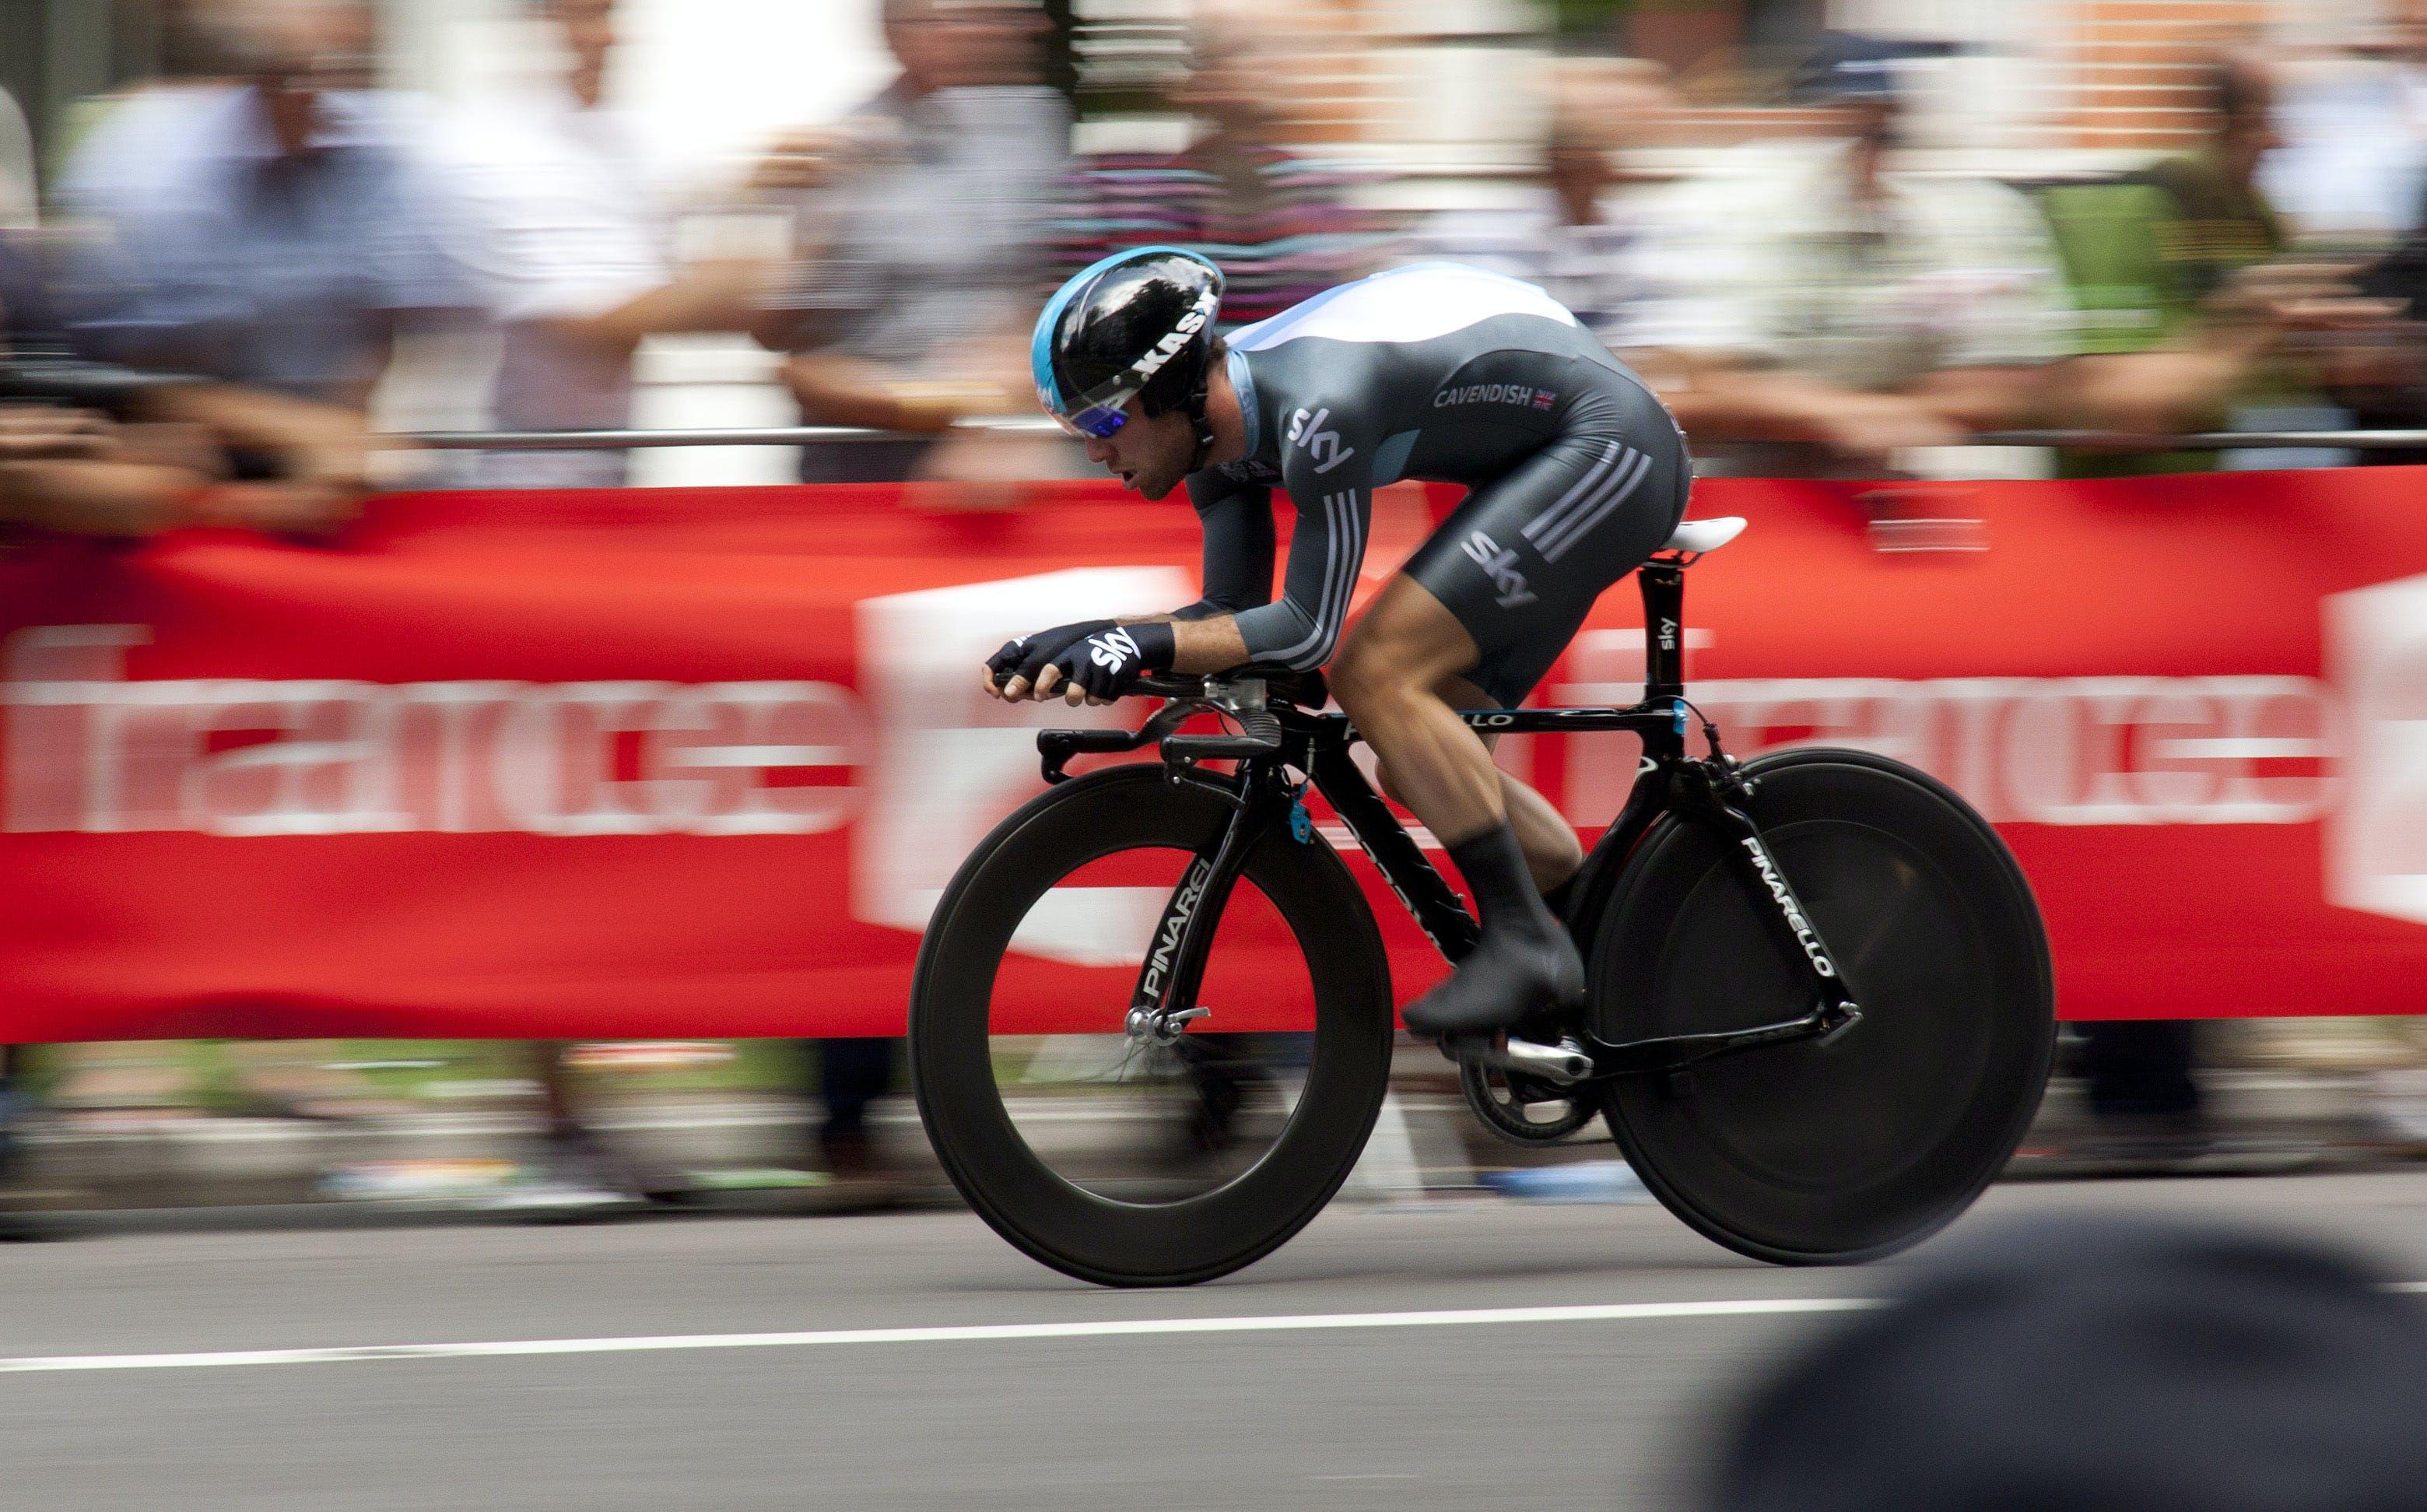 αγωνιστική μοτοσικλέτα, αγωνιστικό ποδήλατο, άθλημα